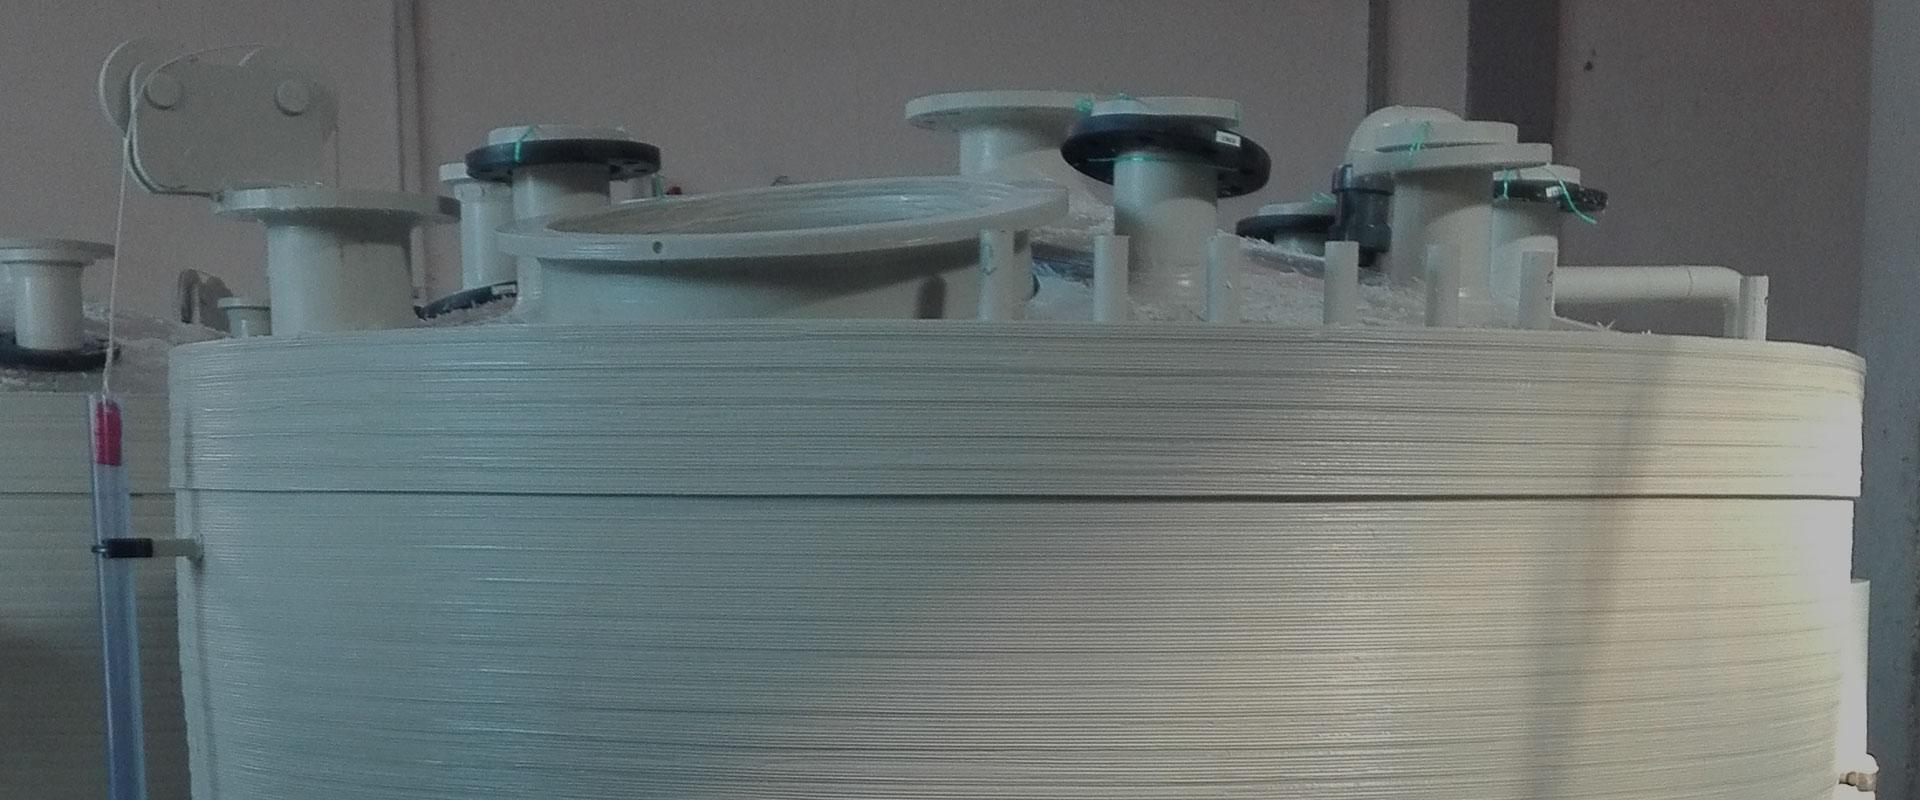 Rezervoari za HCL